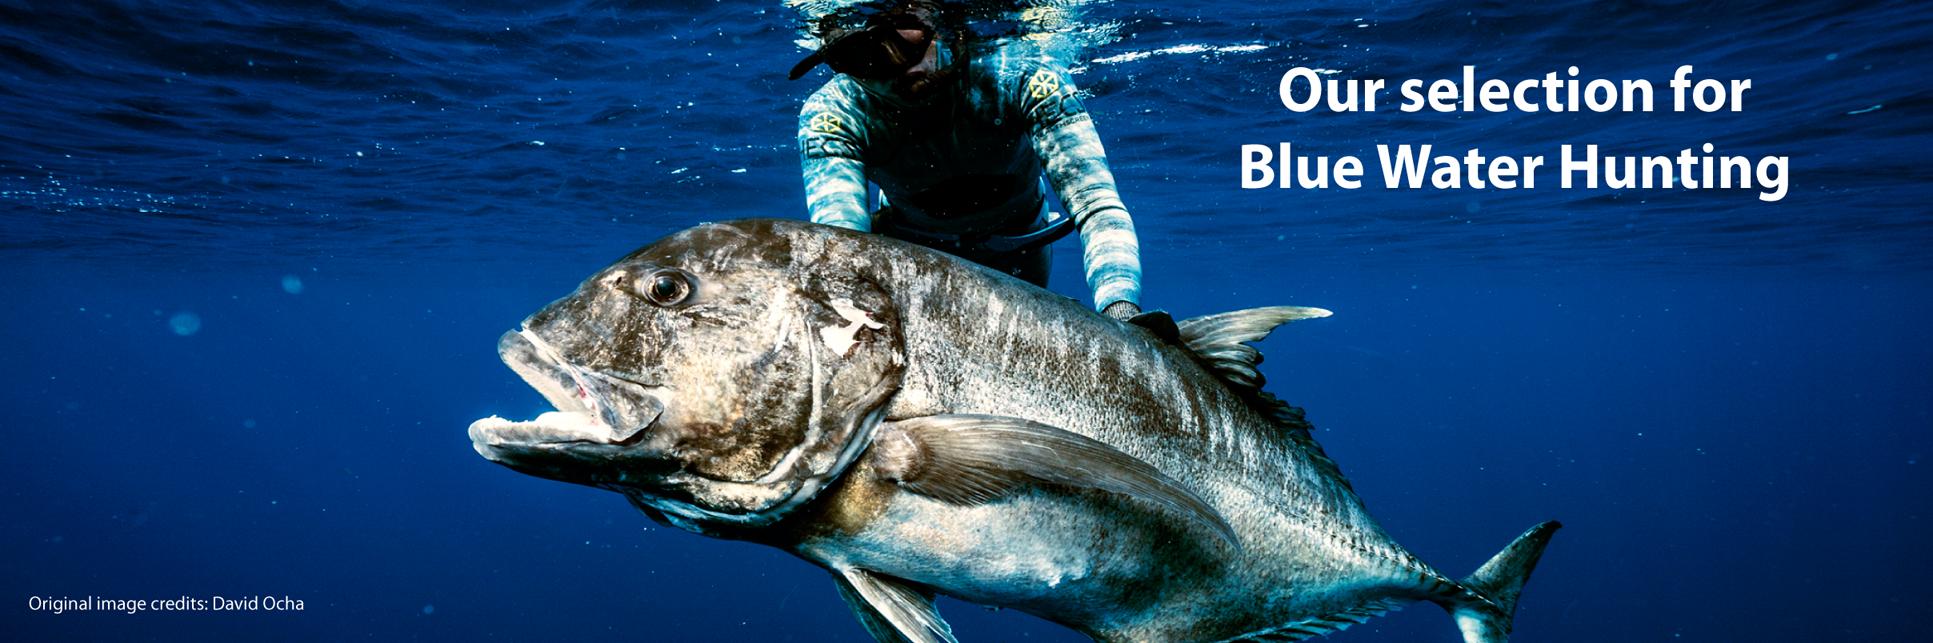 Equipamento e acessórios com especificação para bluewater hunting